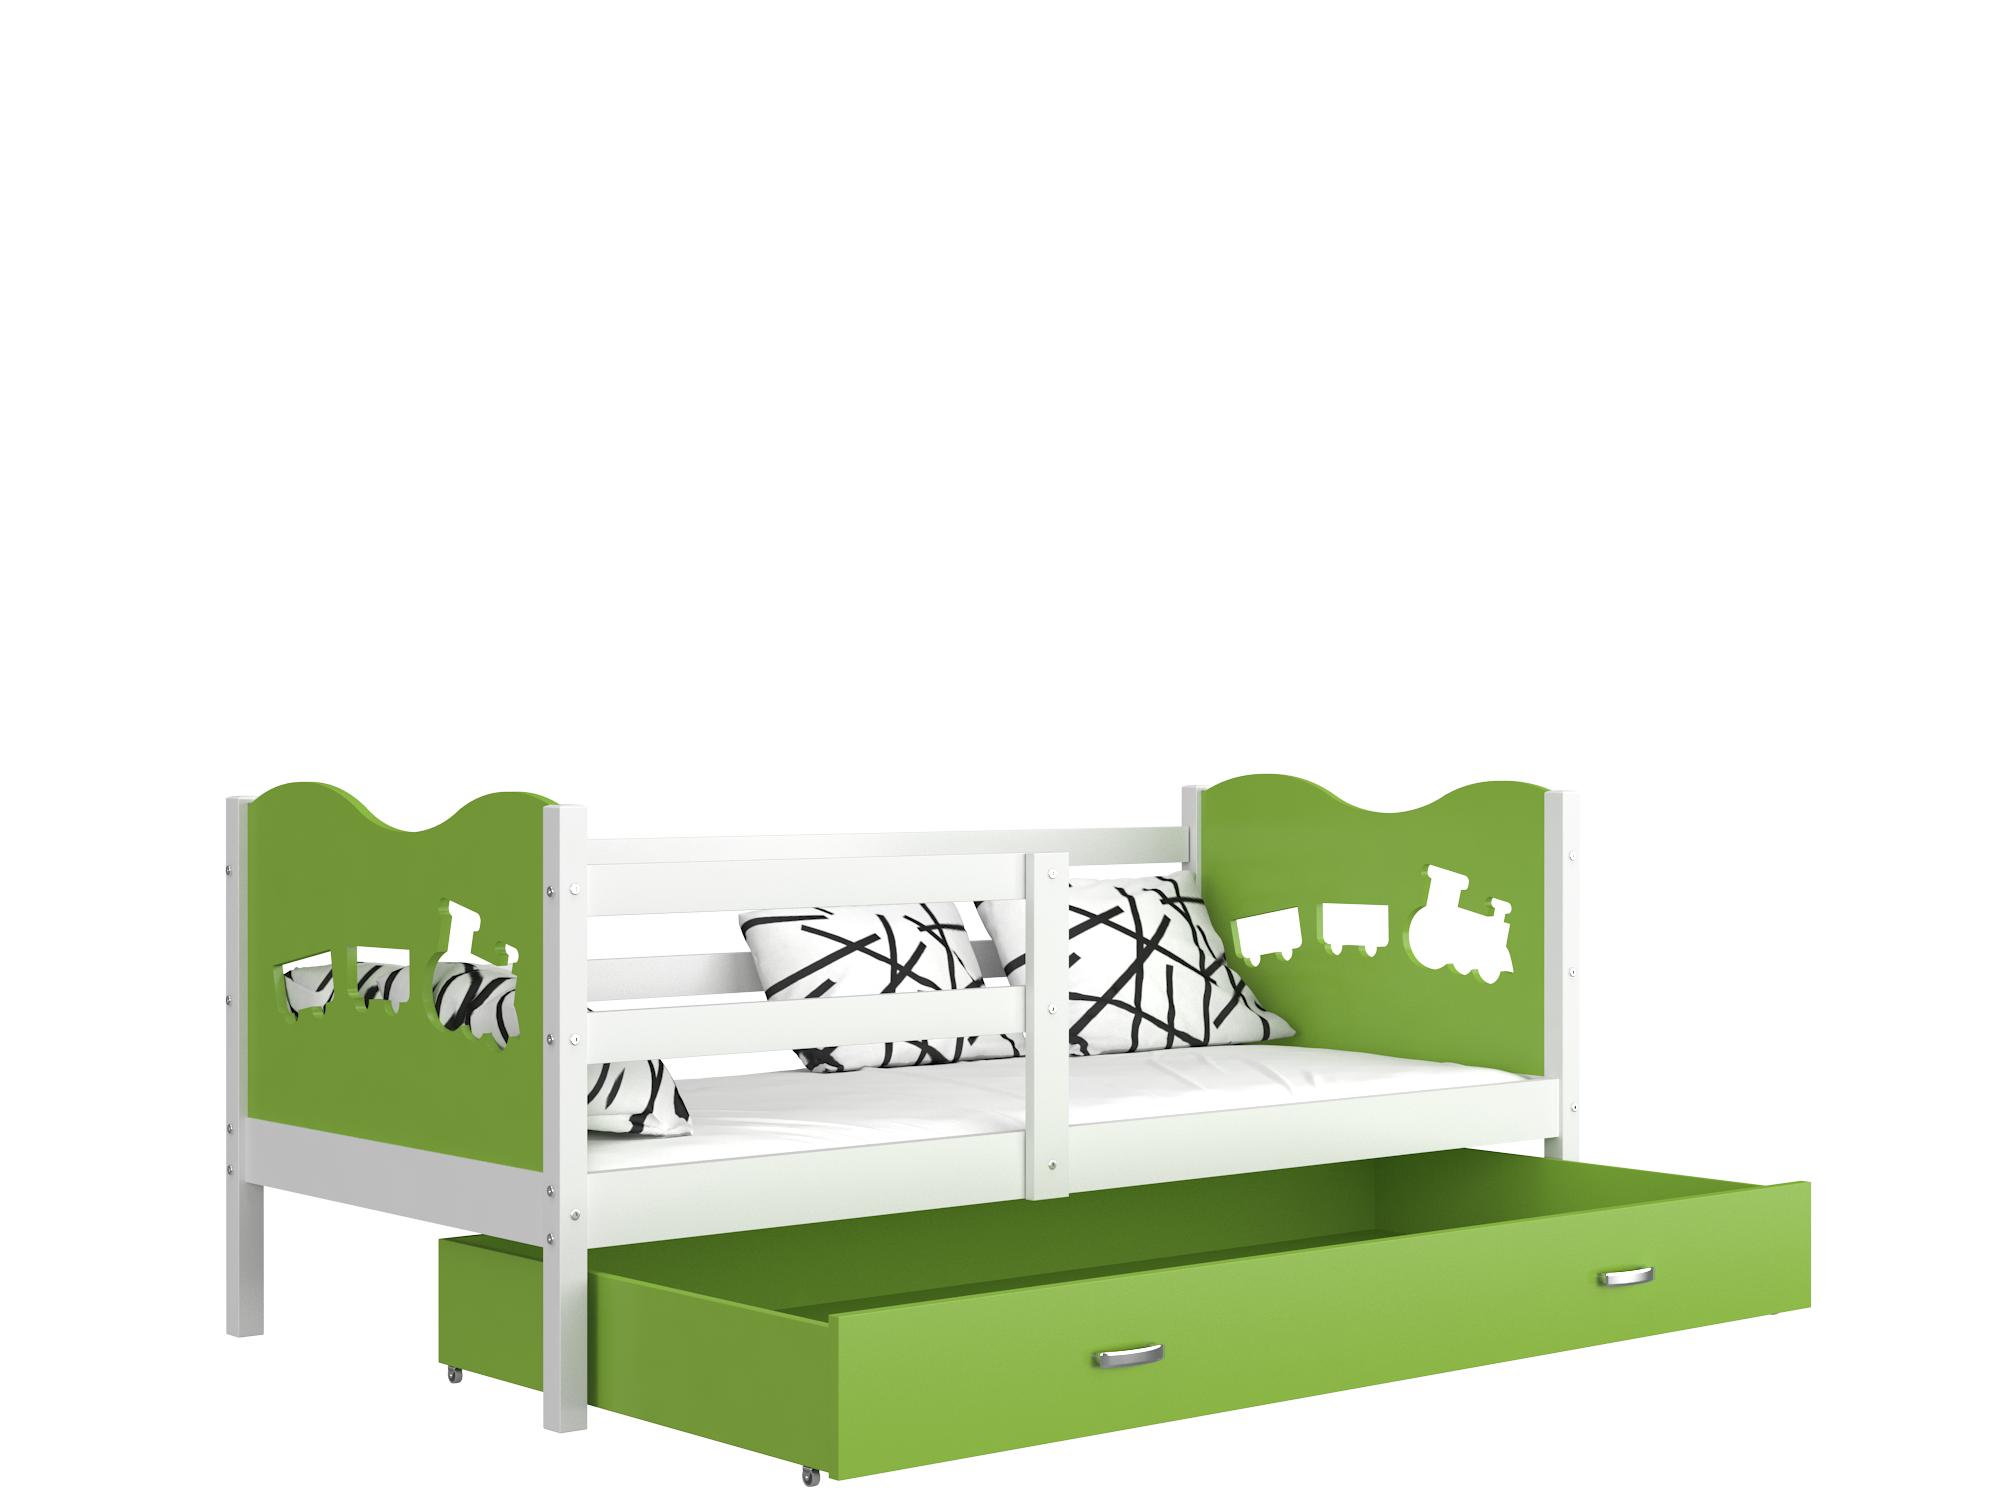 ArtAJ Detská posteľ Max P / MDF 190 x 80 cm Farba: biela / zelená 190 x 80 cm, Prevedenie: s matracom